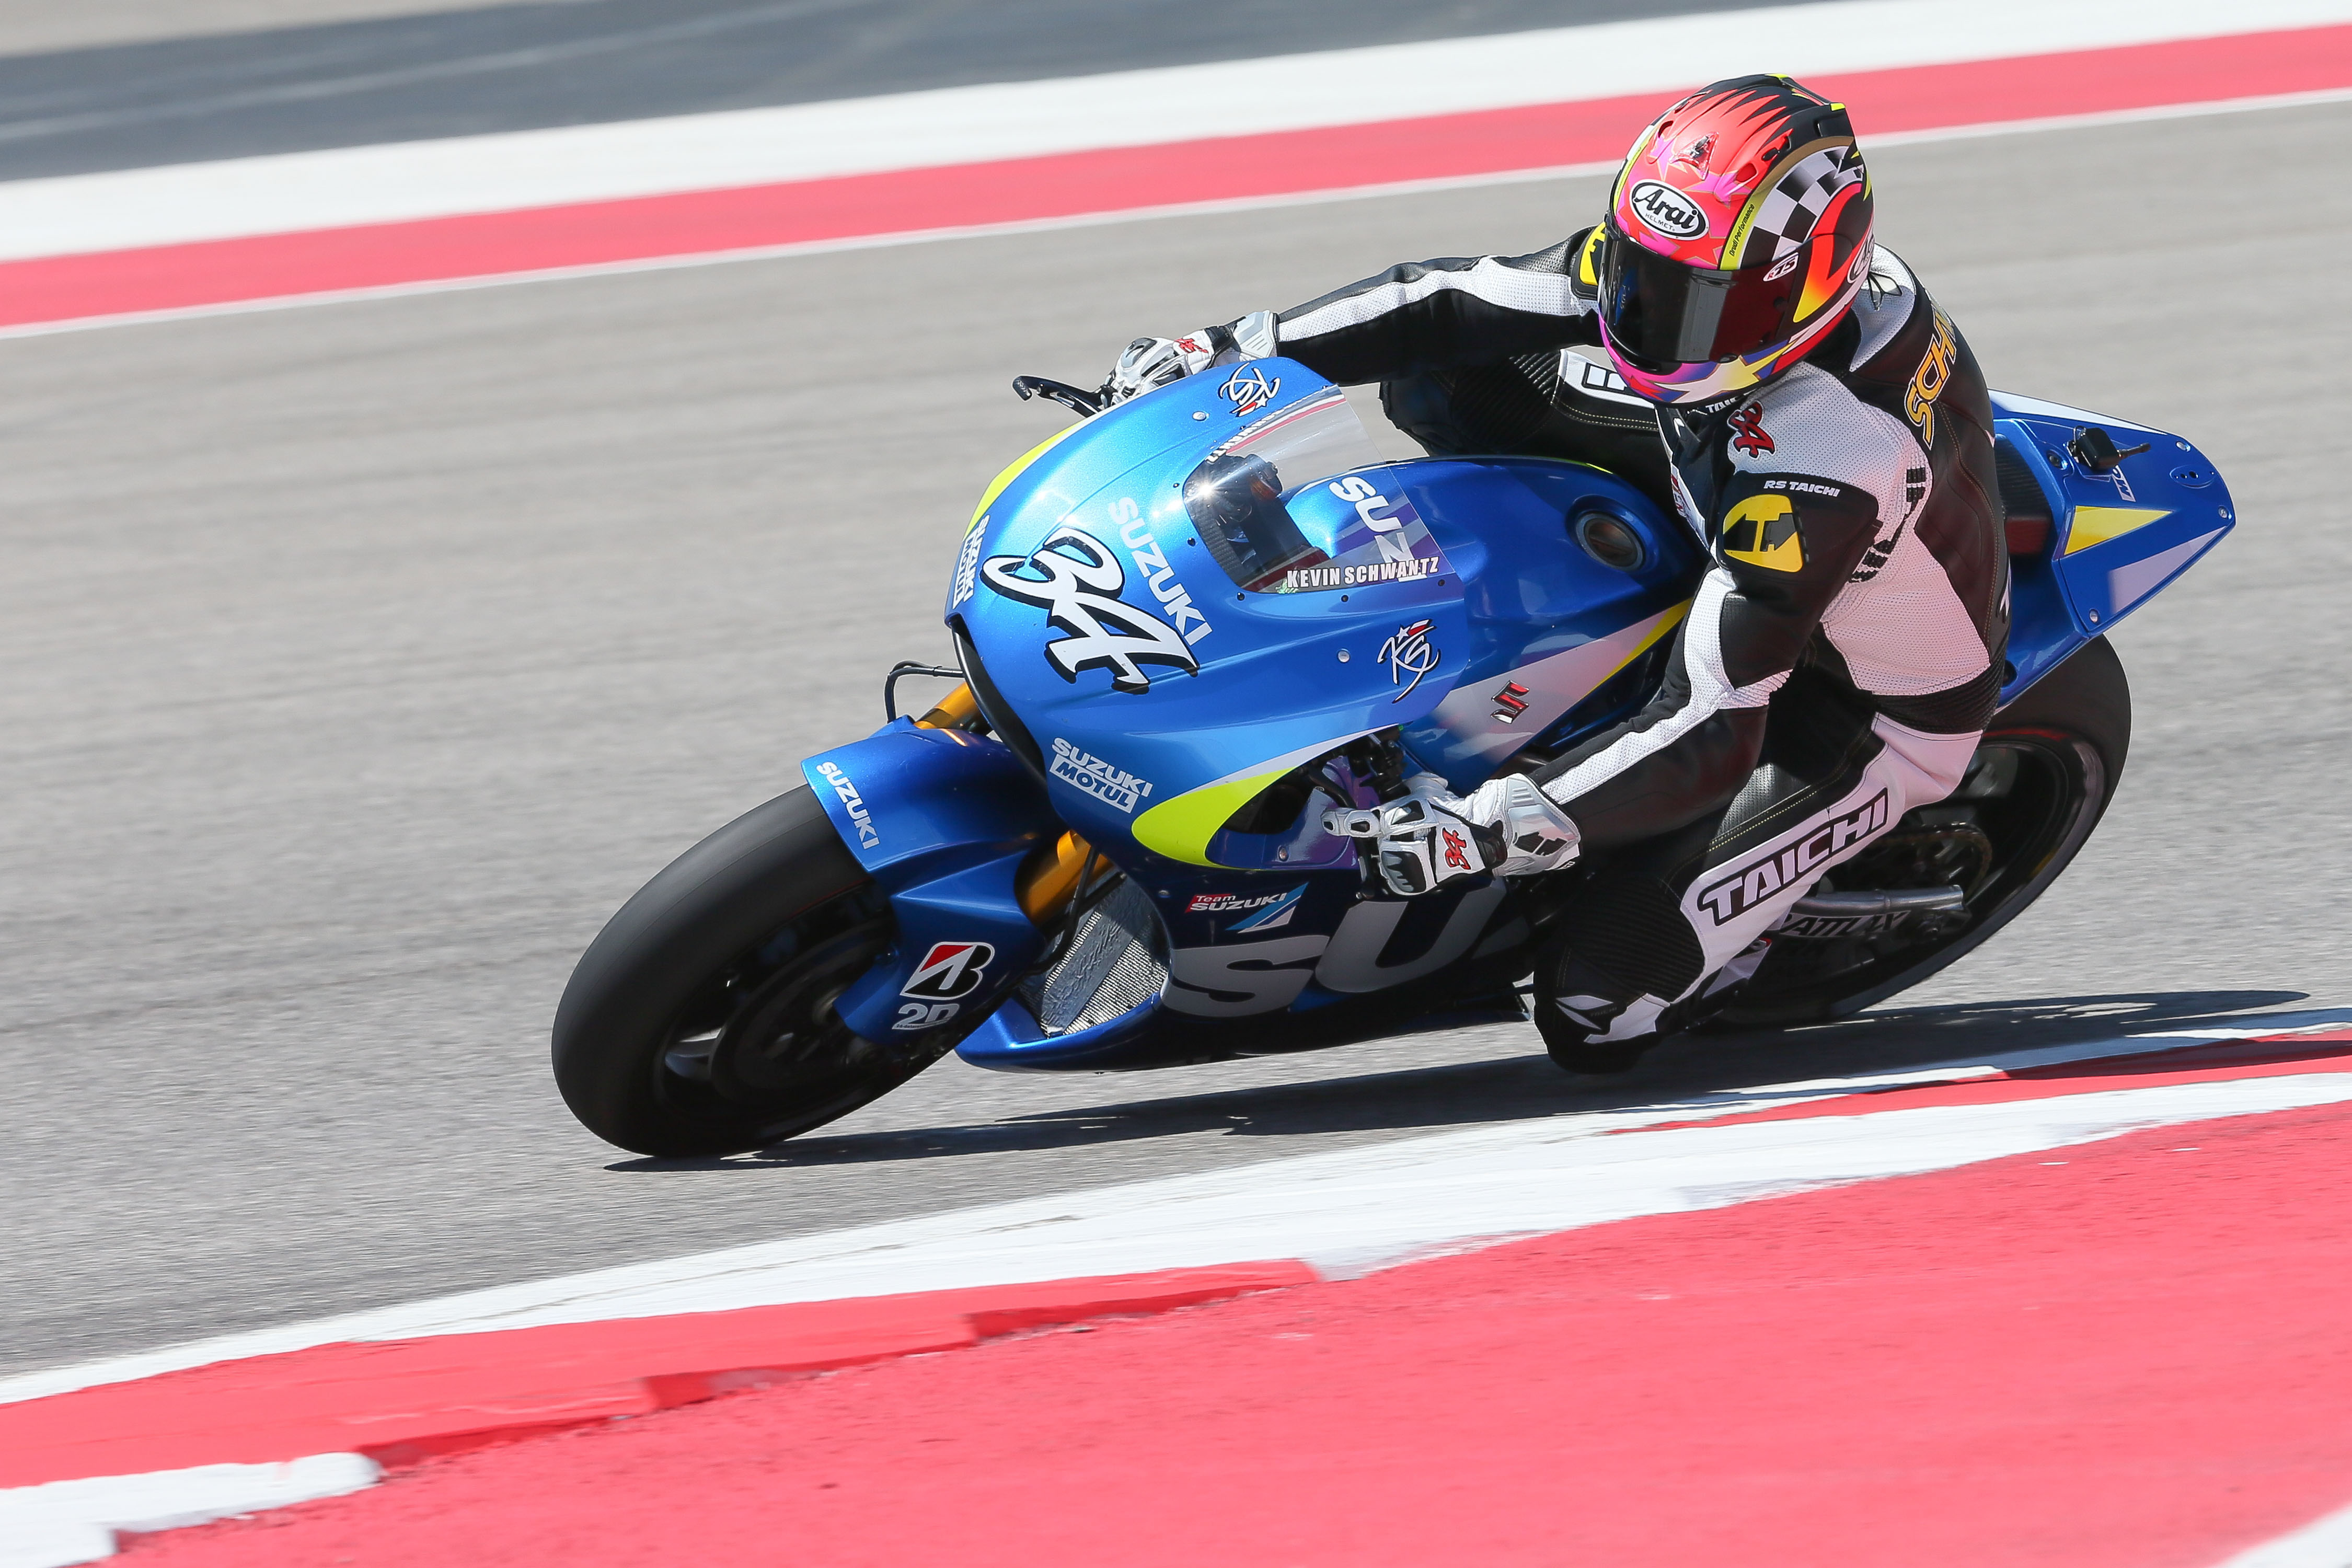 Kevin Schwantz tests Suzuki's MotoGP bike